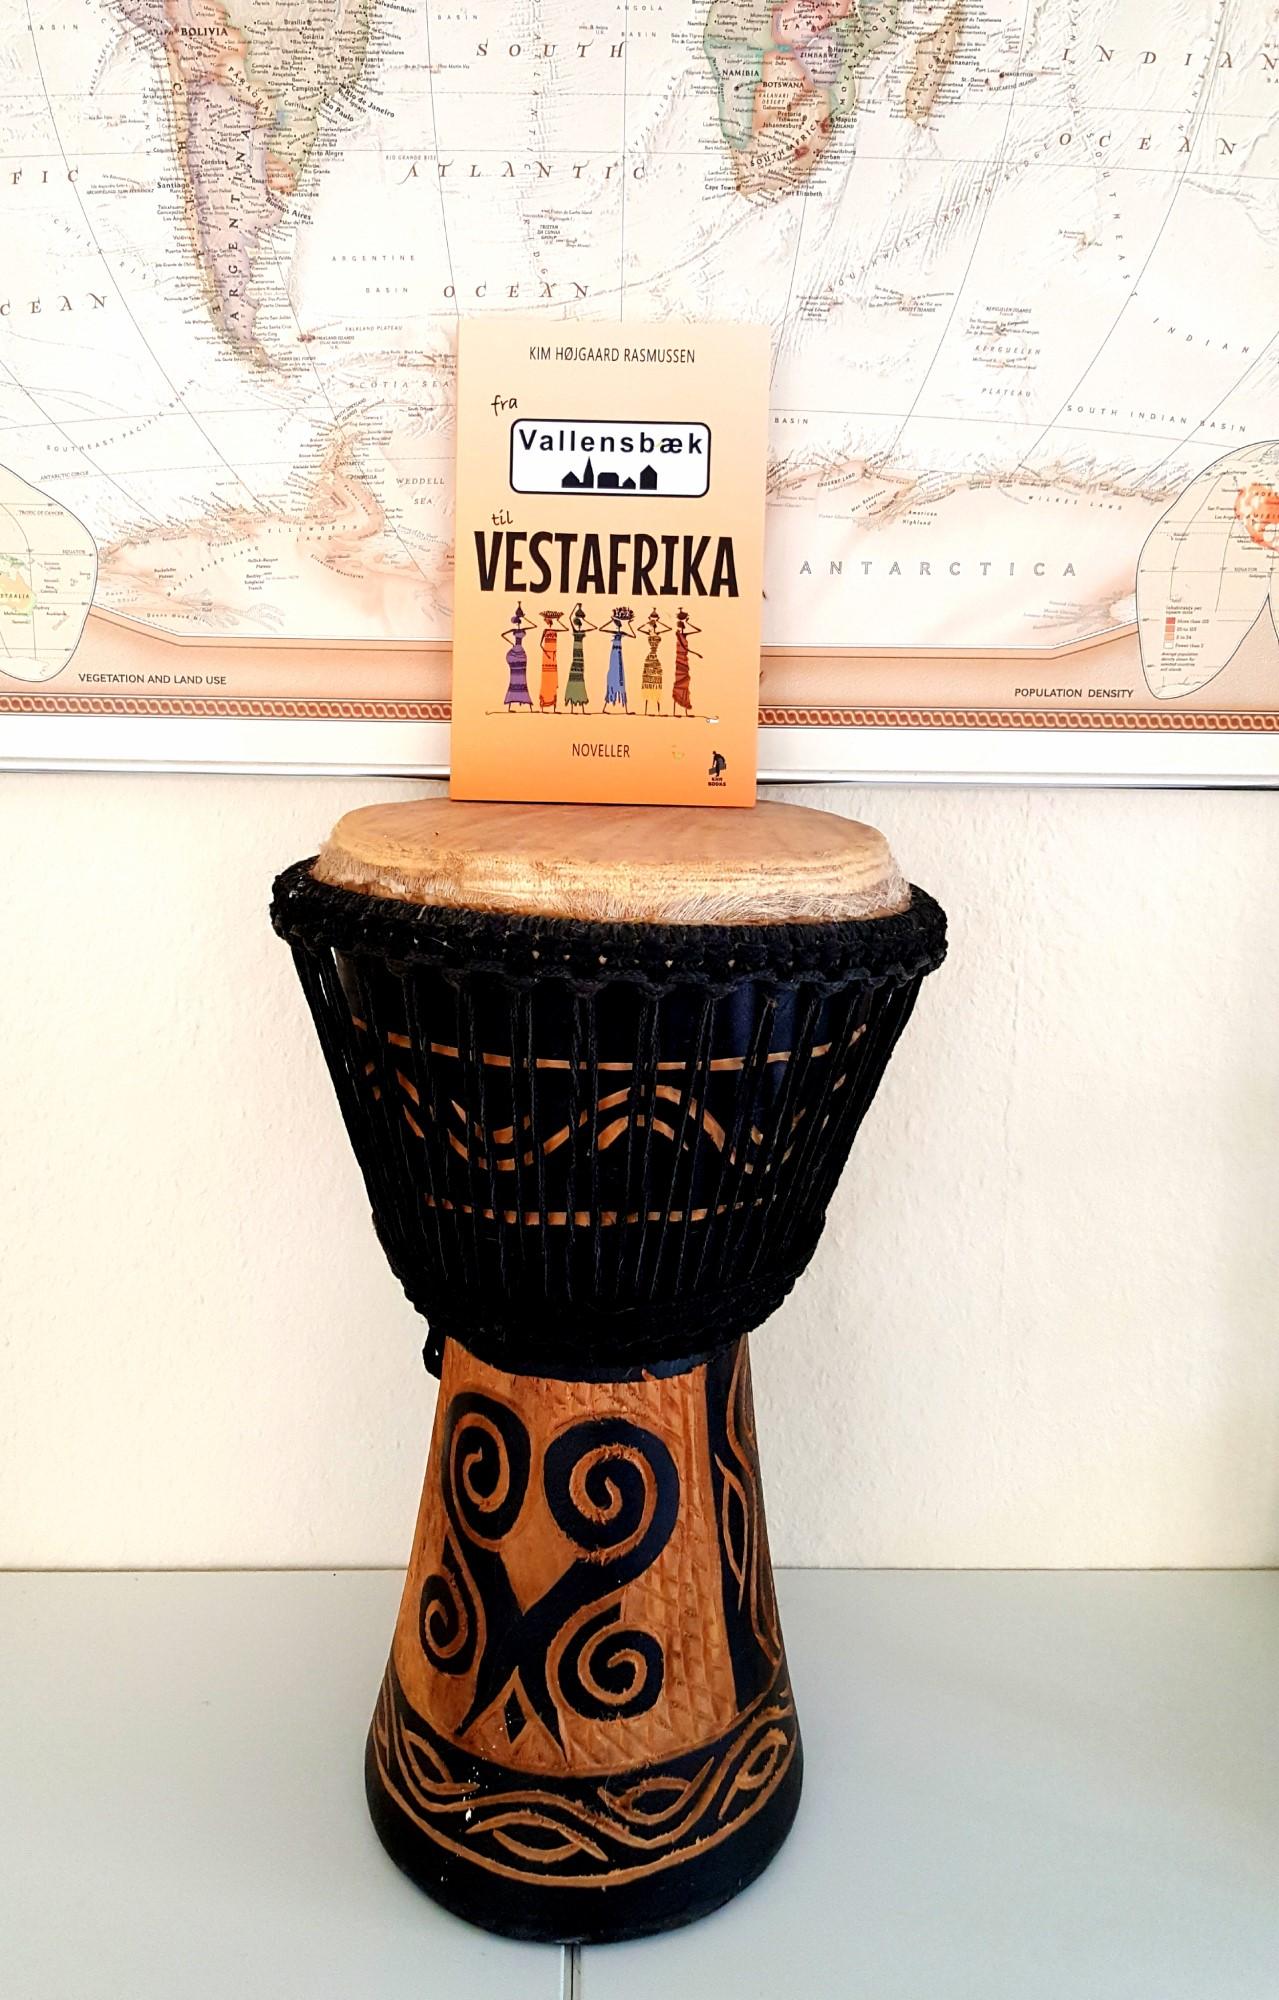 Fra Vallensbæk til Vestafrika  af Kim Højgaard Rasmussen